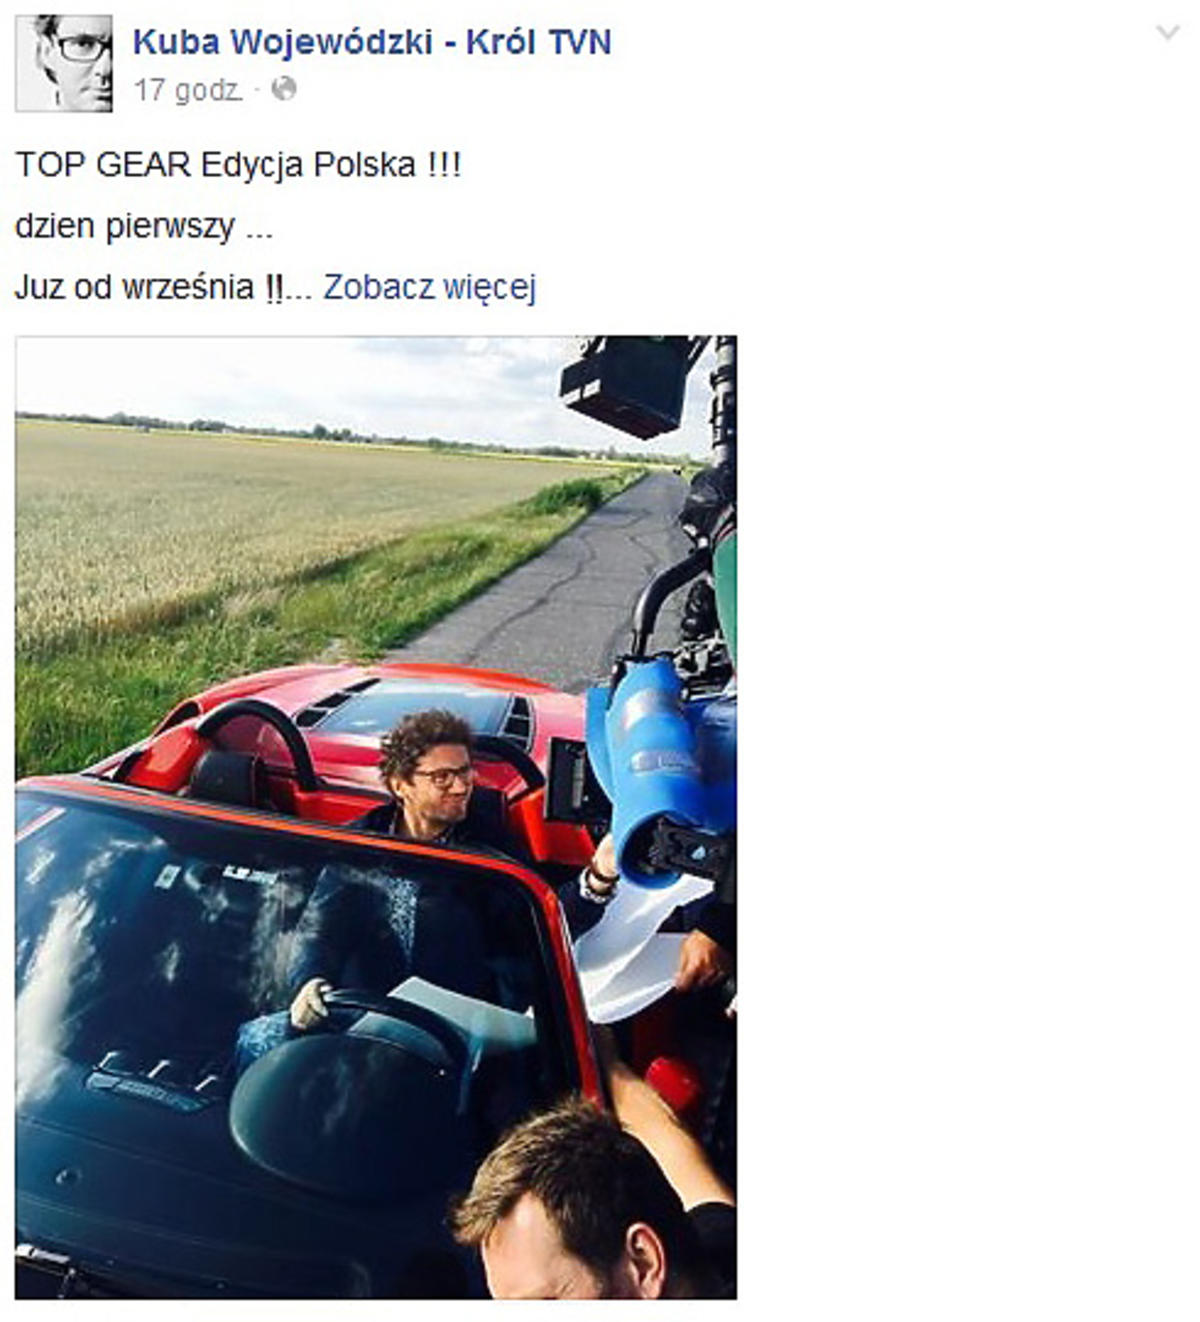 Kuba Wojewódzki poprowadzi Top Gear Polska?